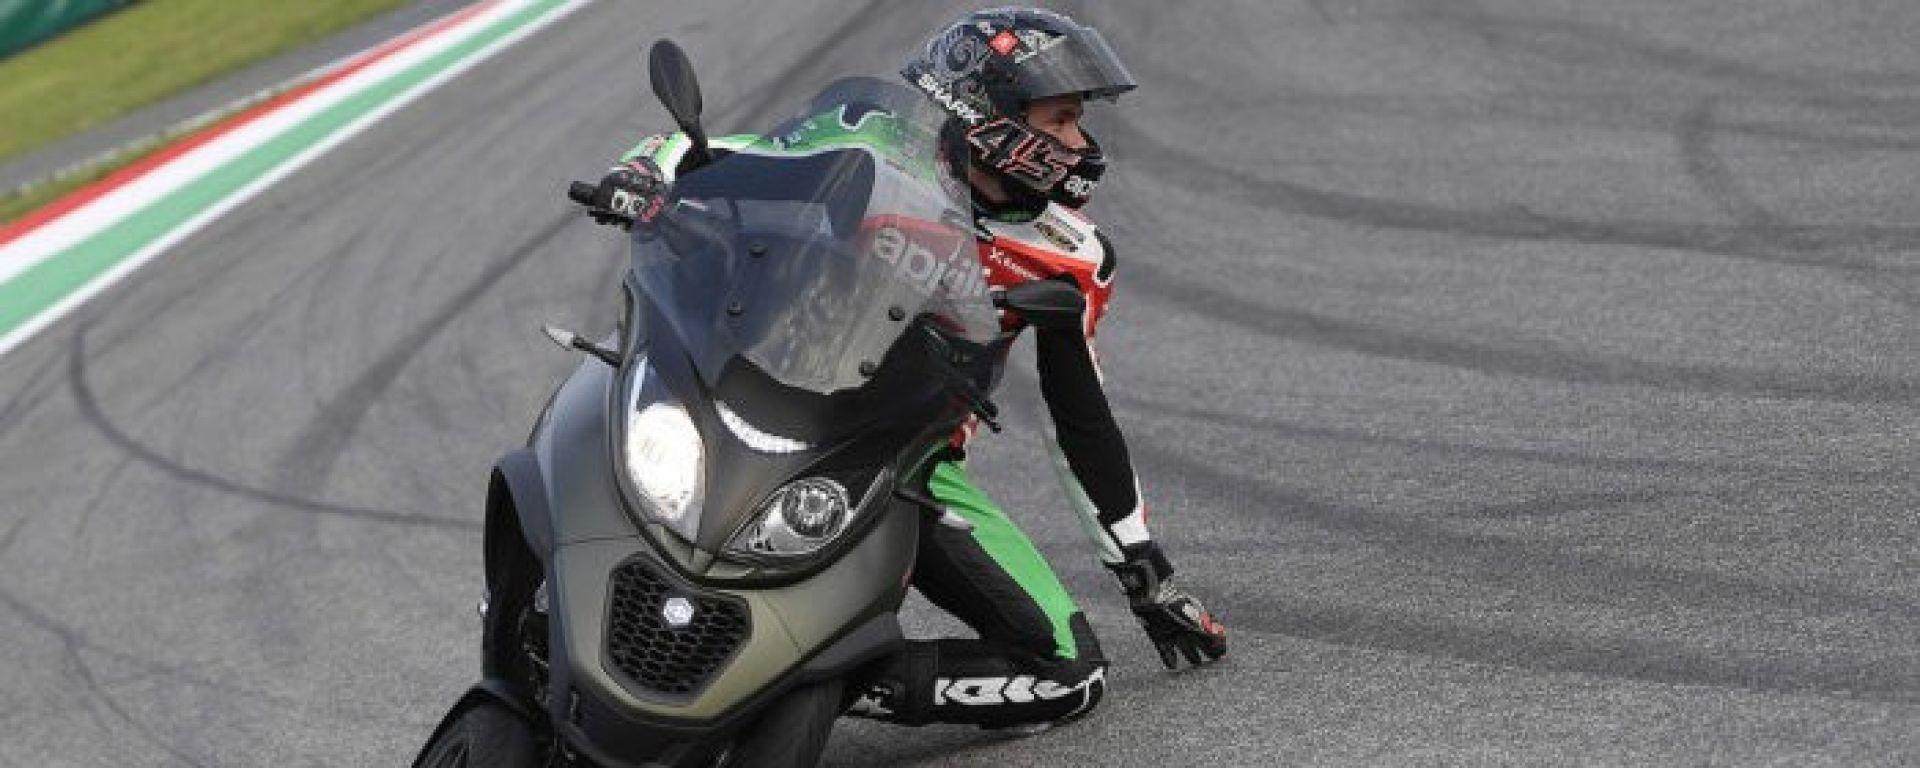 Nuovo Piaggio MP3: I piloti MotoGP Aprilia lo portano al Mugello